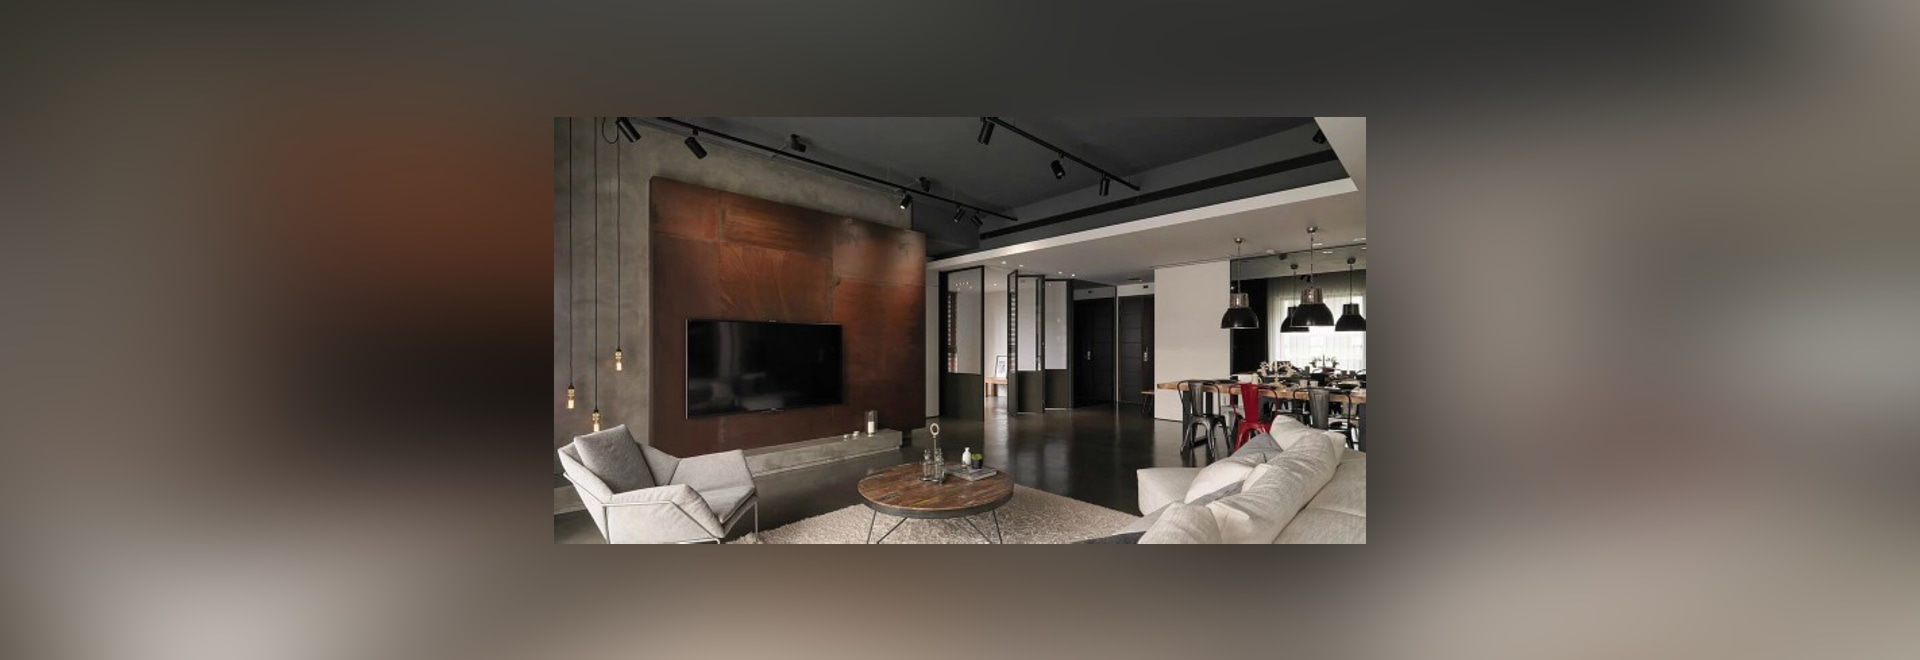 Asiatische Innenarchitektur neigt in zwei modernen Häusern [mit ...